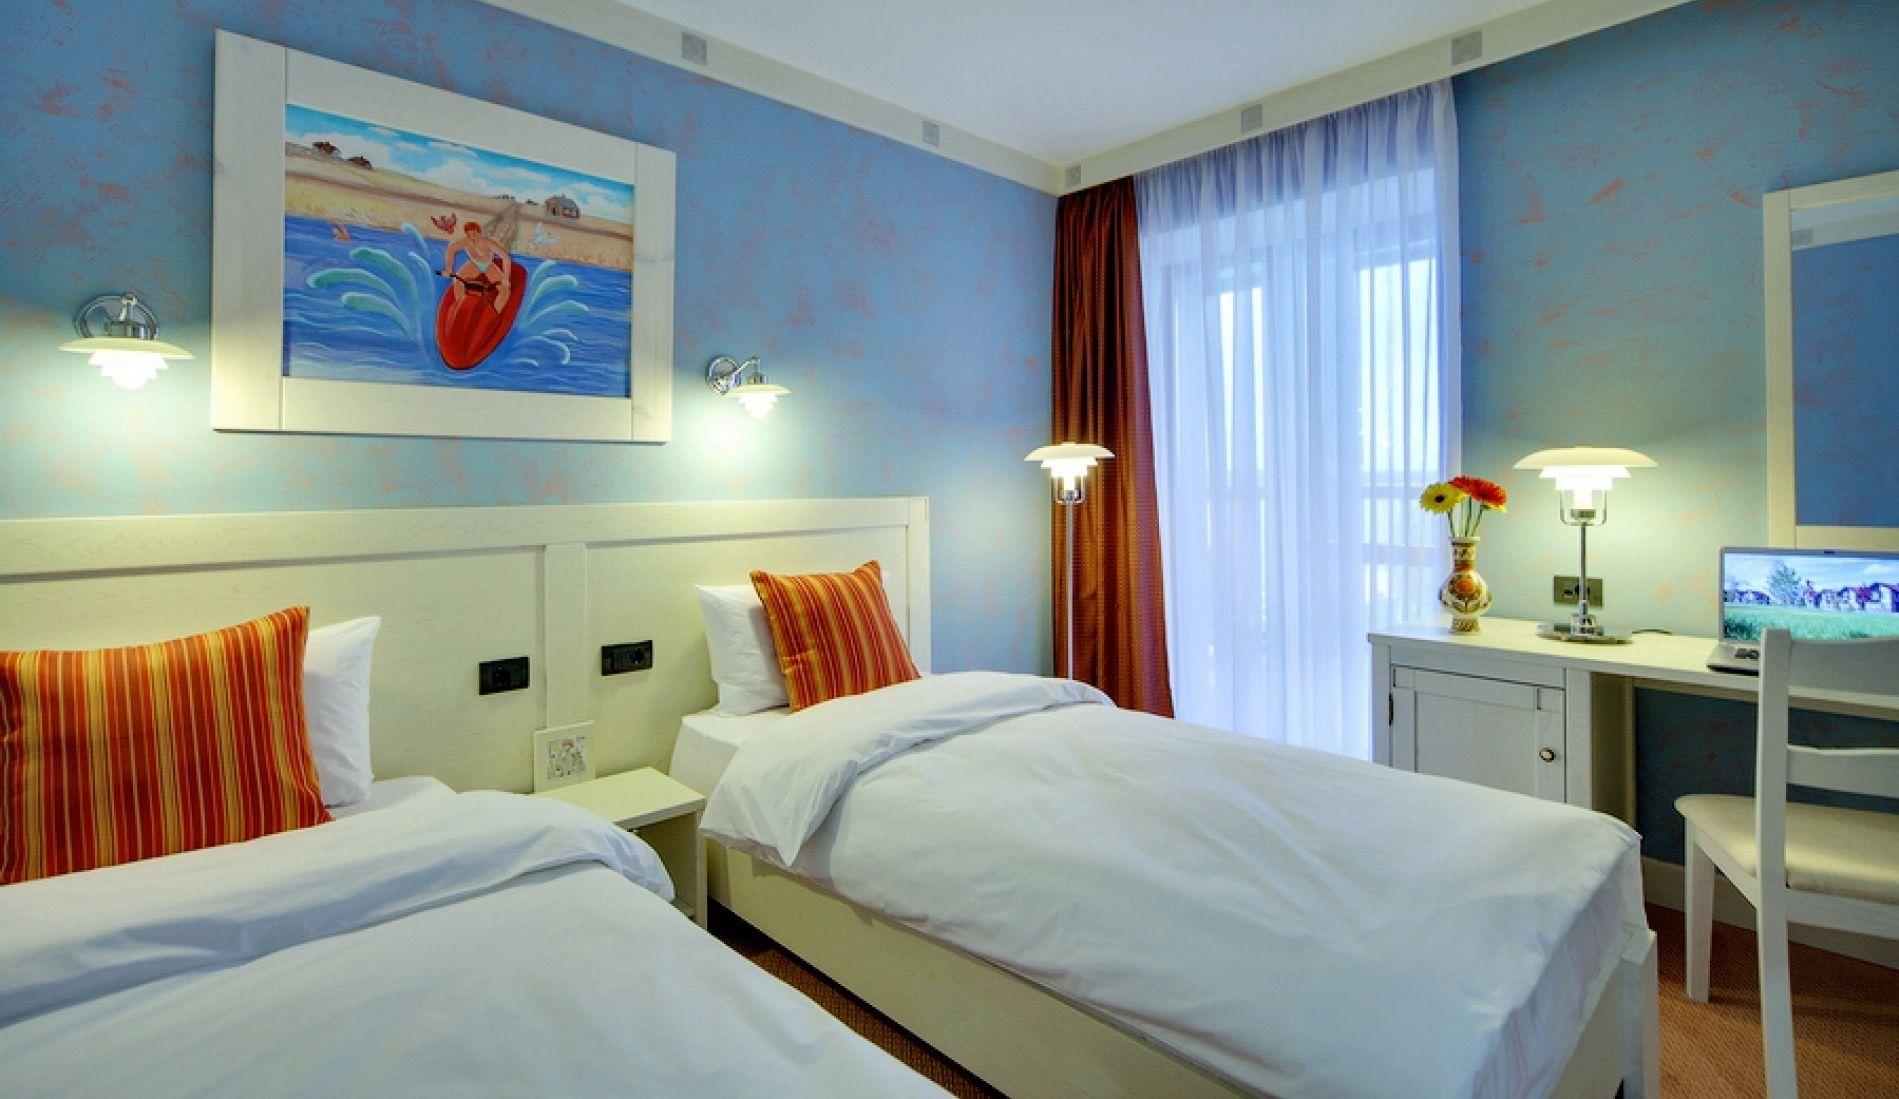 Эвент-отель «Конаково Ривер Клаб» Тверская область Номер «Стандарт +», фото 1